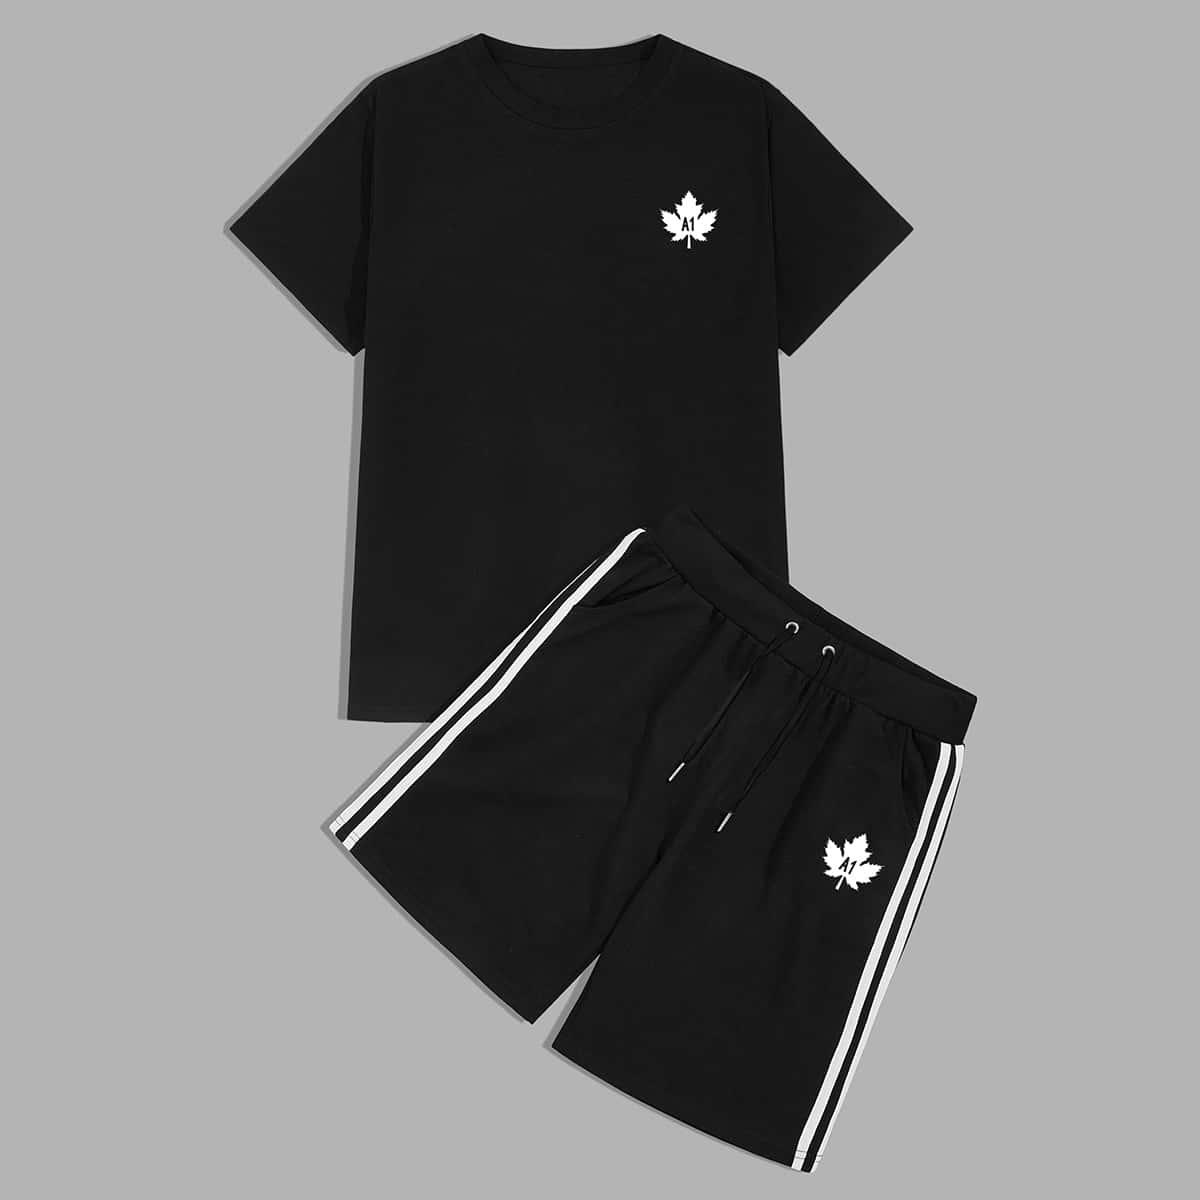 Camiseta de hombres con estampado de hoja con shorts de lado de rayas